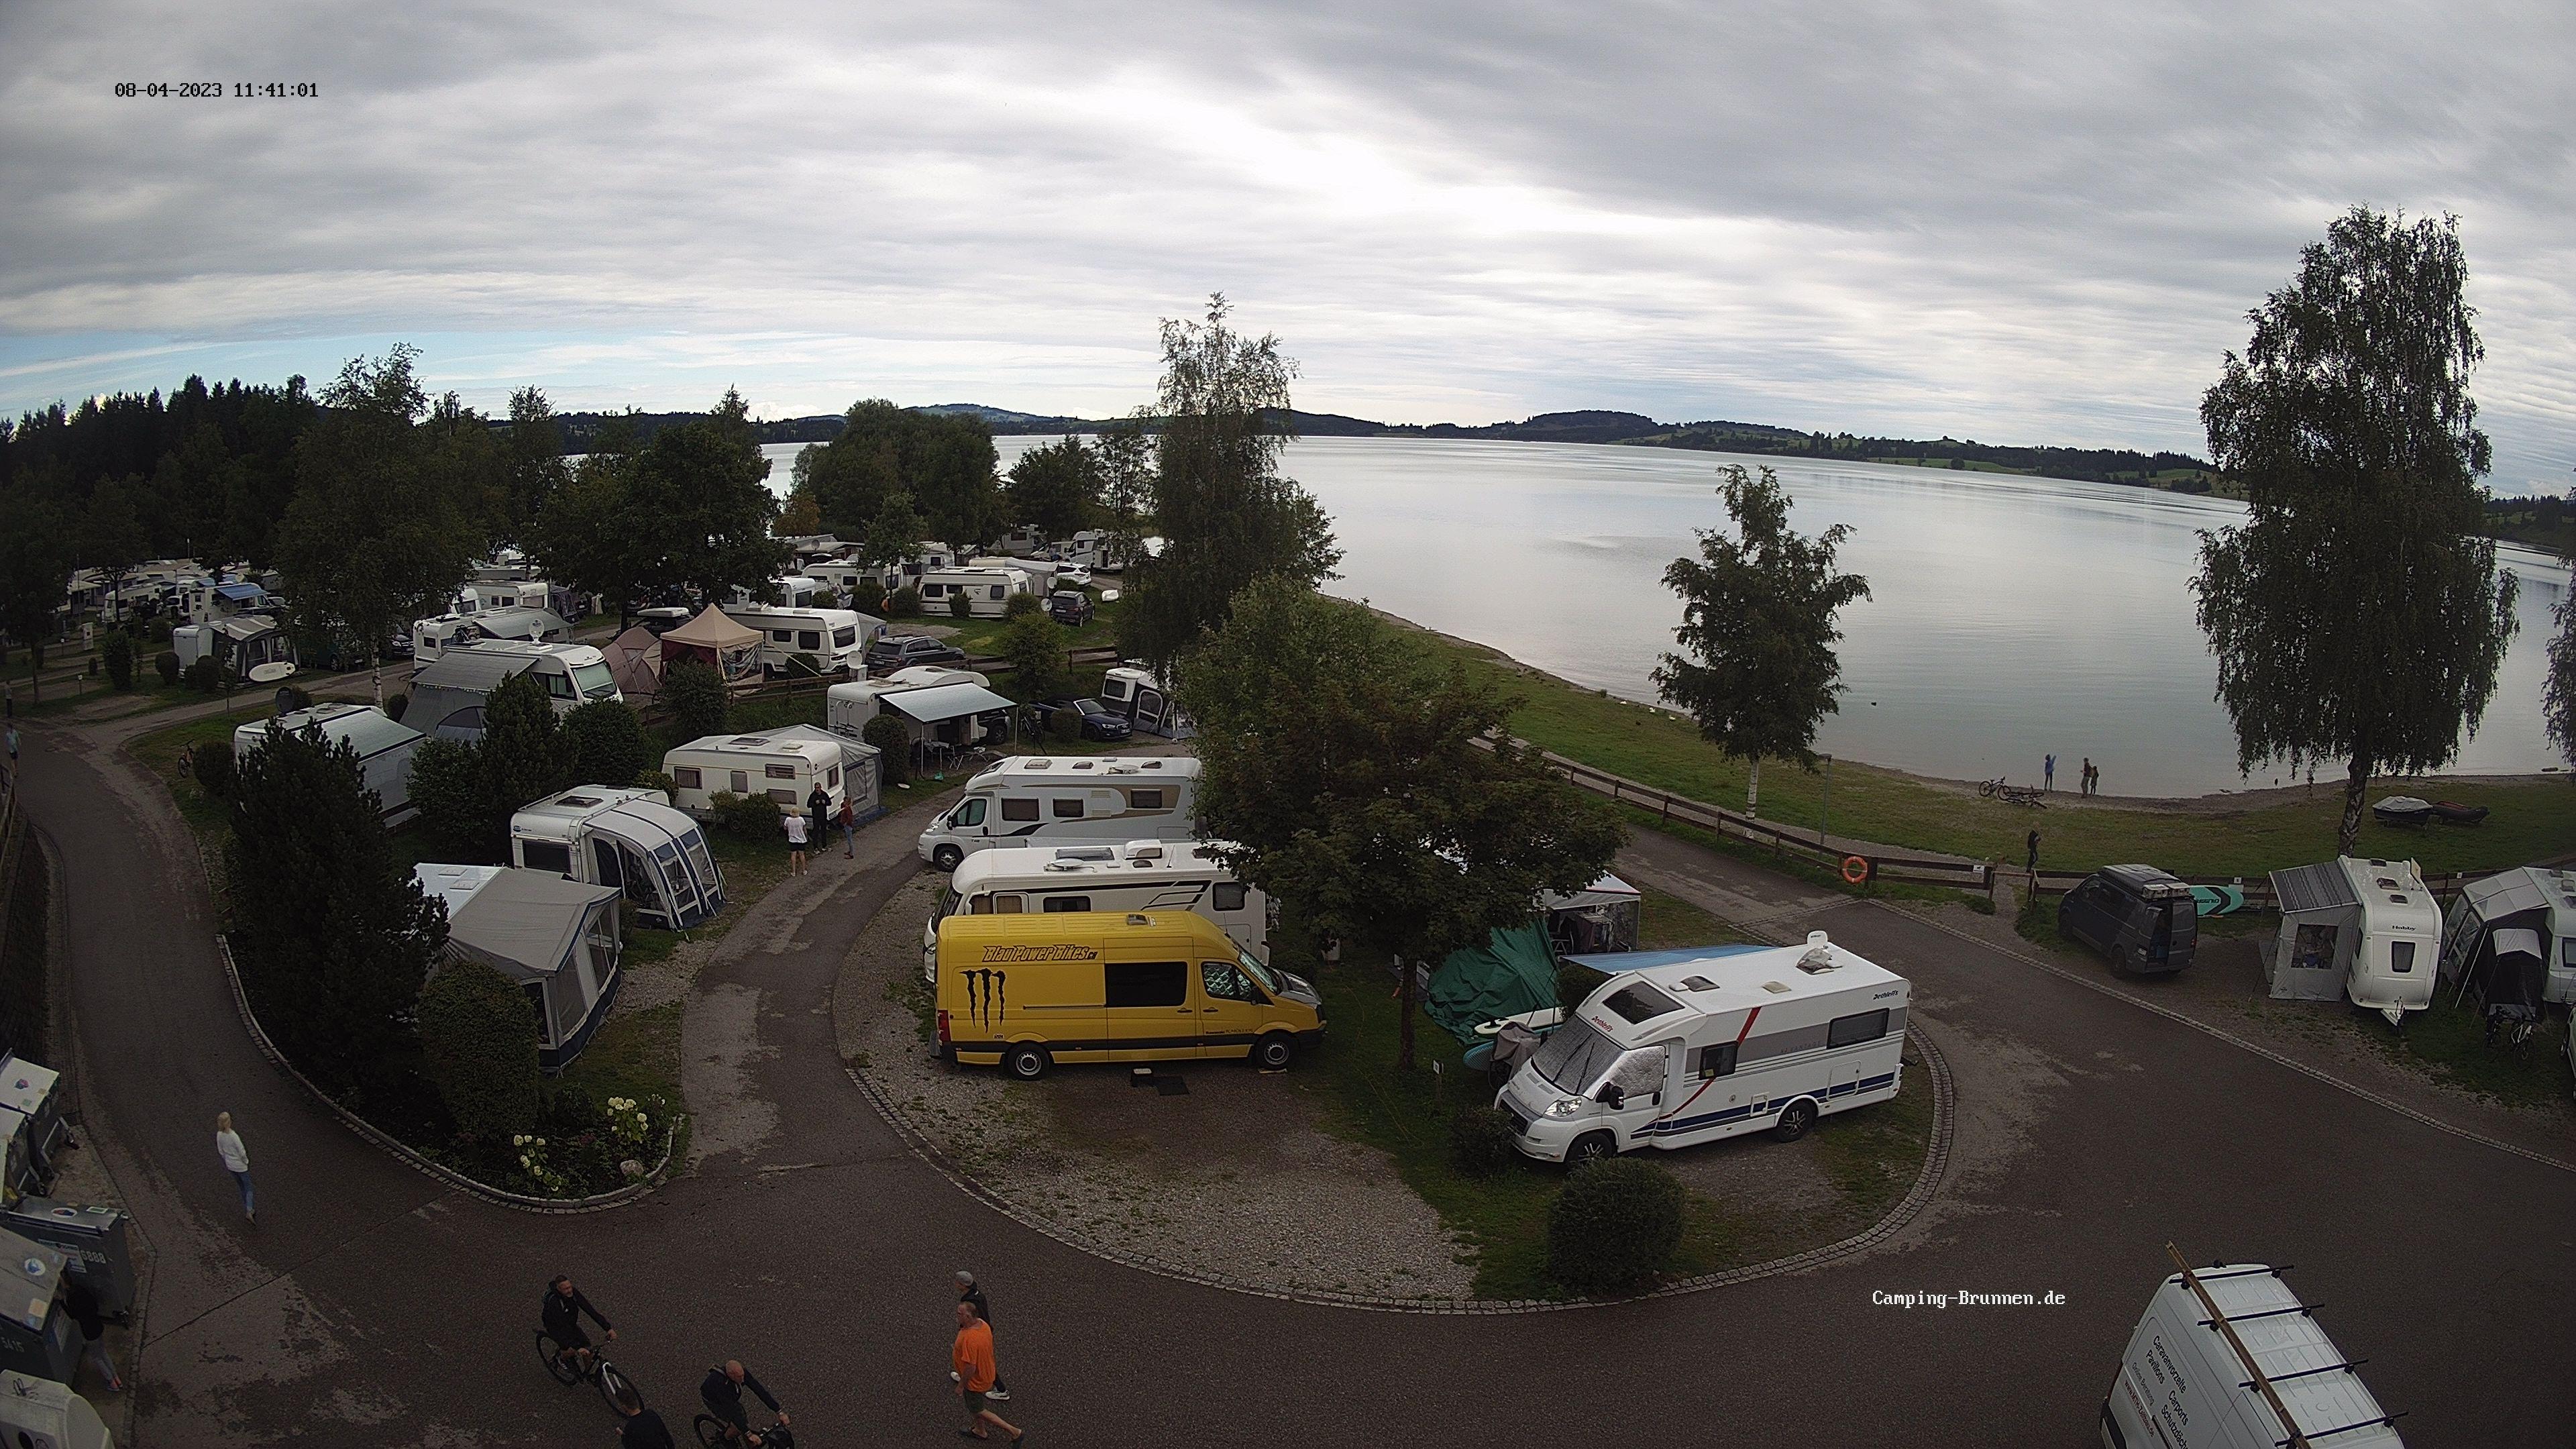 Das Live Bild der Webcam zeigt den Campingplatz mit Blick auf den Forggensee.